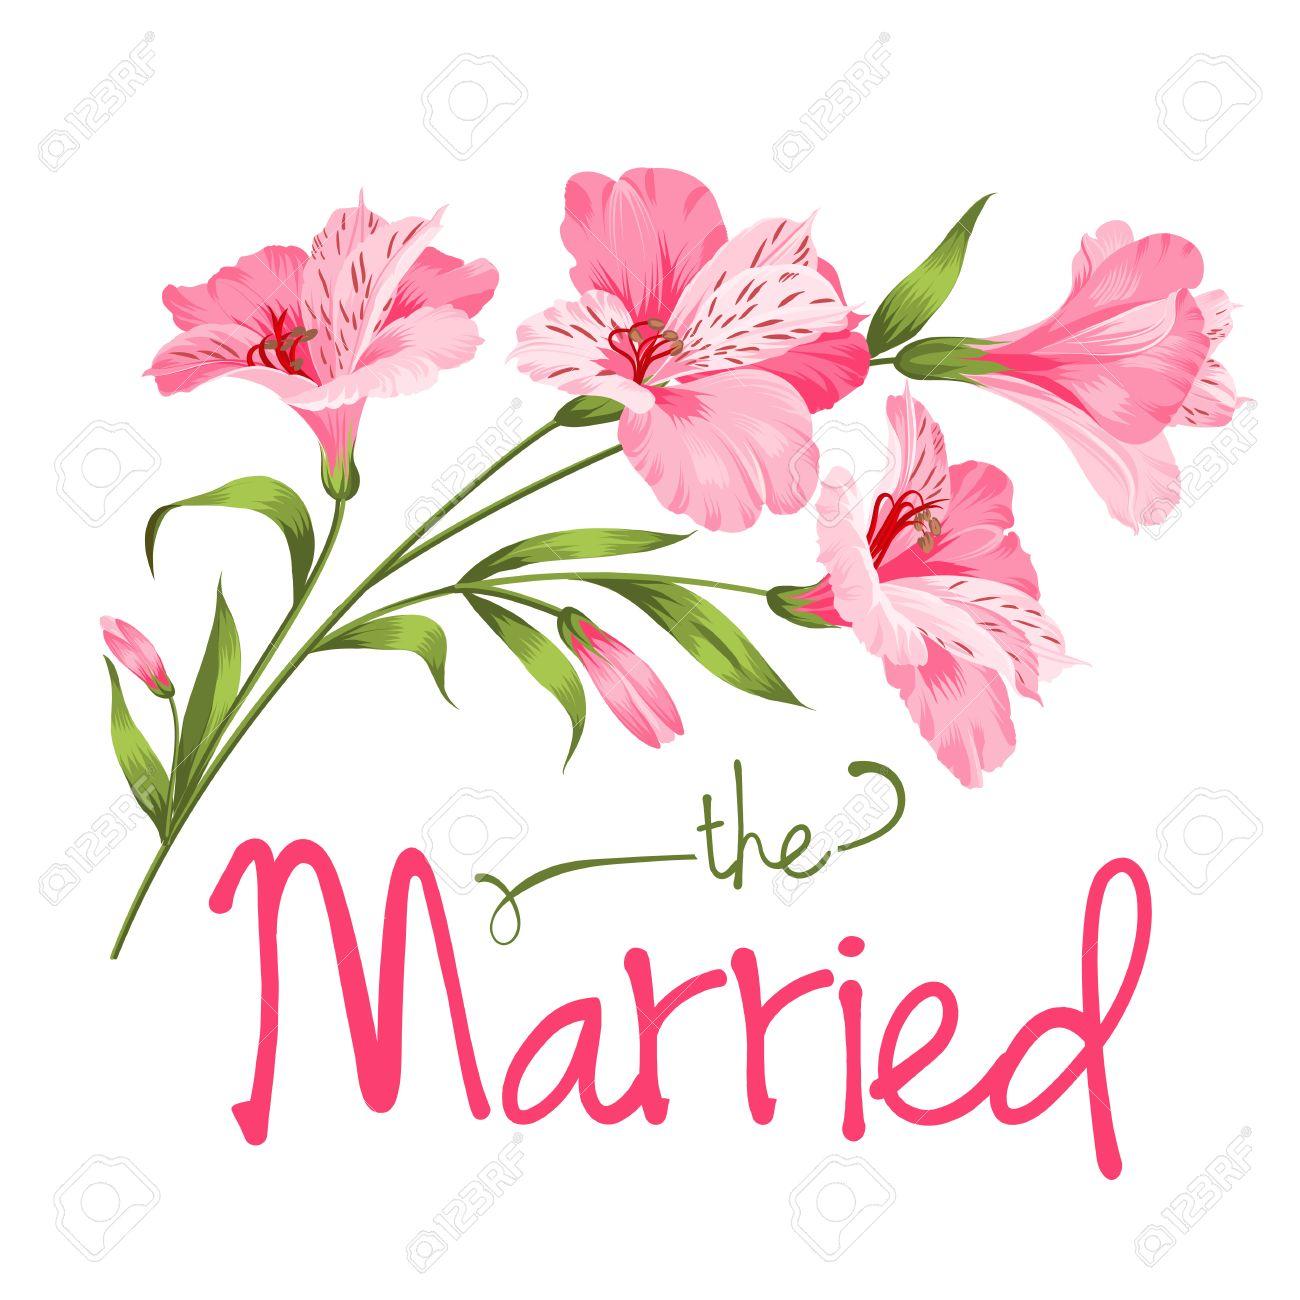 Der Verheiratete Karte. Hochzeit Vorlage. Alstromeria Rosa Zweig ...